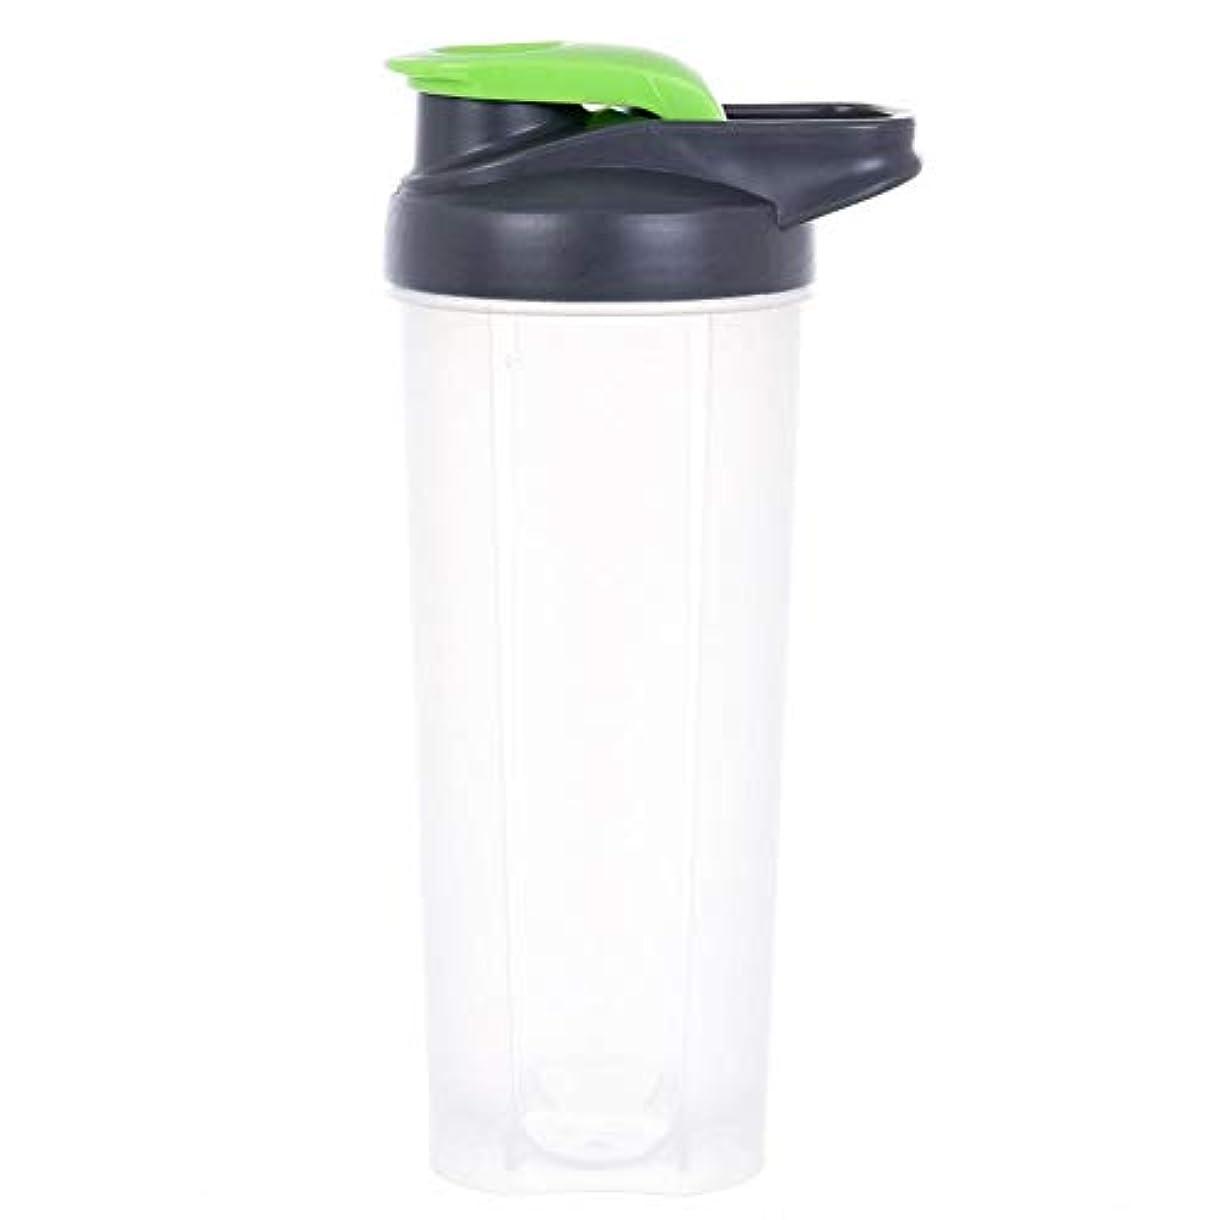 ジェーンオースティンの間に累計プロテインシェーカー 栄養錠剤ビタミン入れ ダイエットドリンク用 タンパク質パウダーミキサーボルト 栄養補給 プロテイン 収納ケース 水筒 漏れ防止 シェーカーボトル